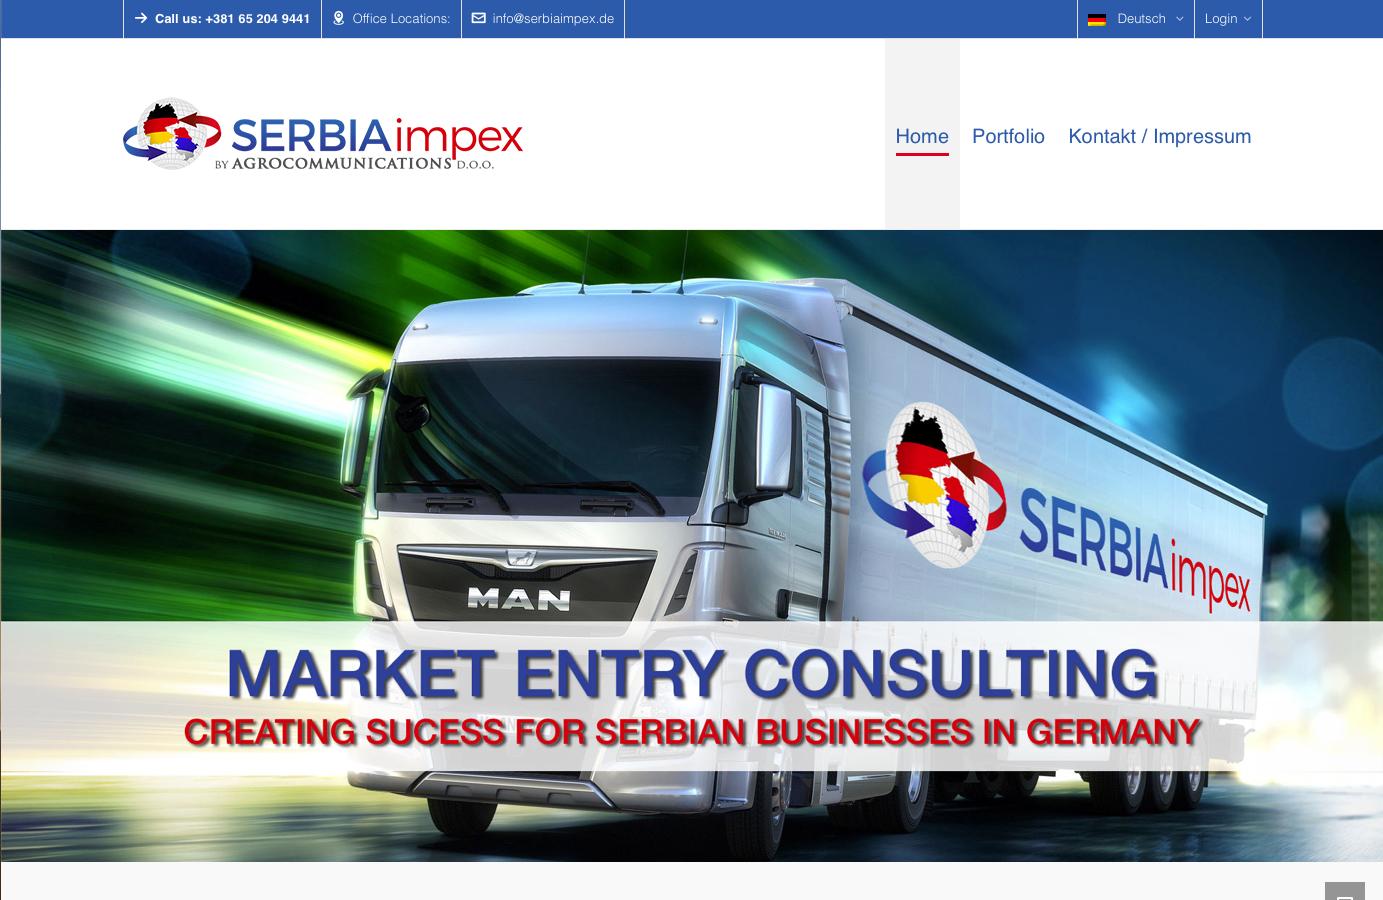 Serbiaimpex